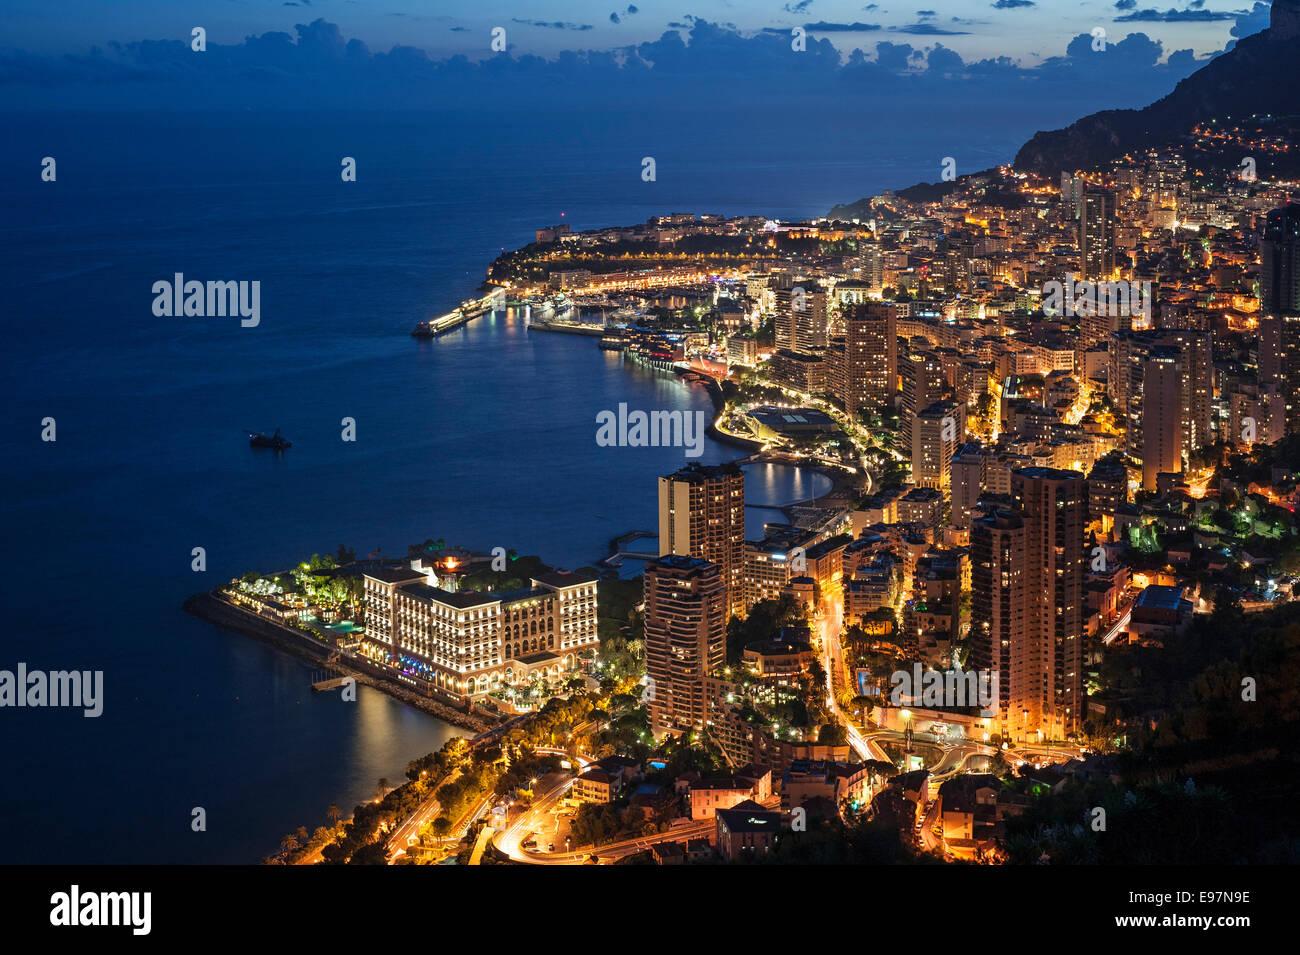 Vista aerea della città e del porto di Monte Carlo, Monaco lungo la Riviera Francese di notte, Côte d'Azur Immagini Stock